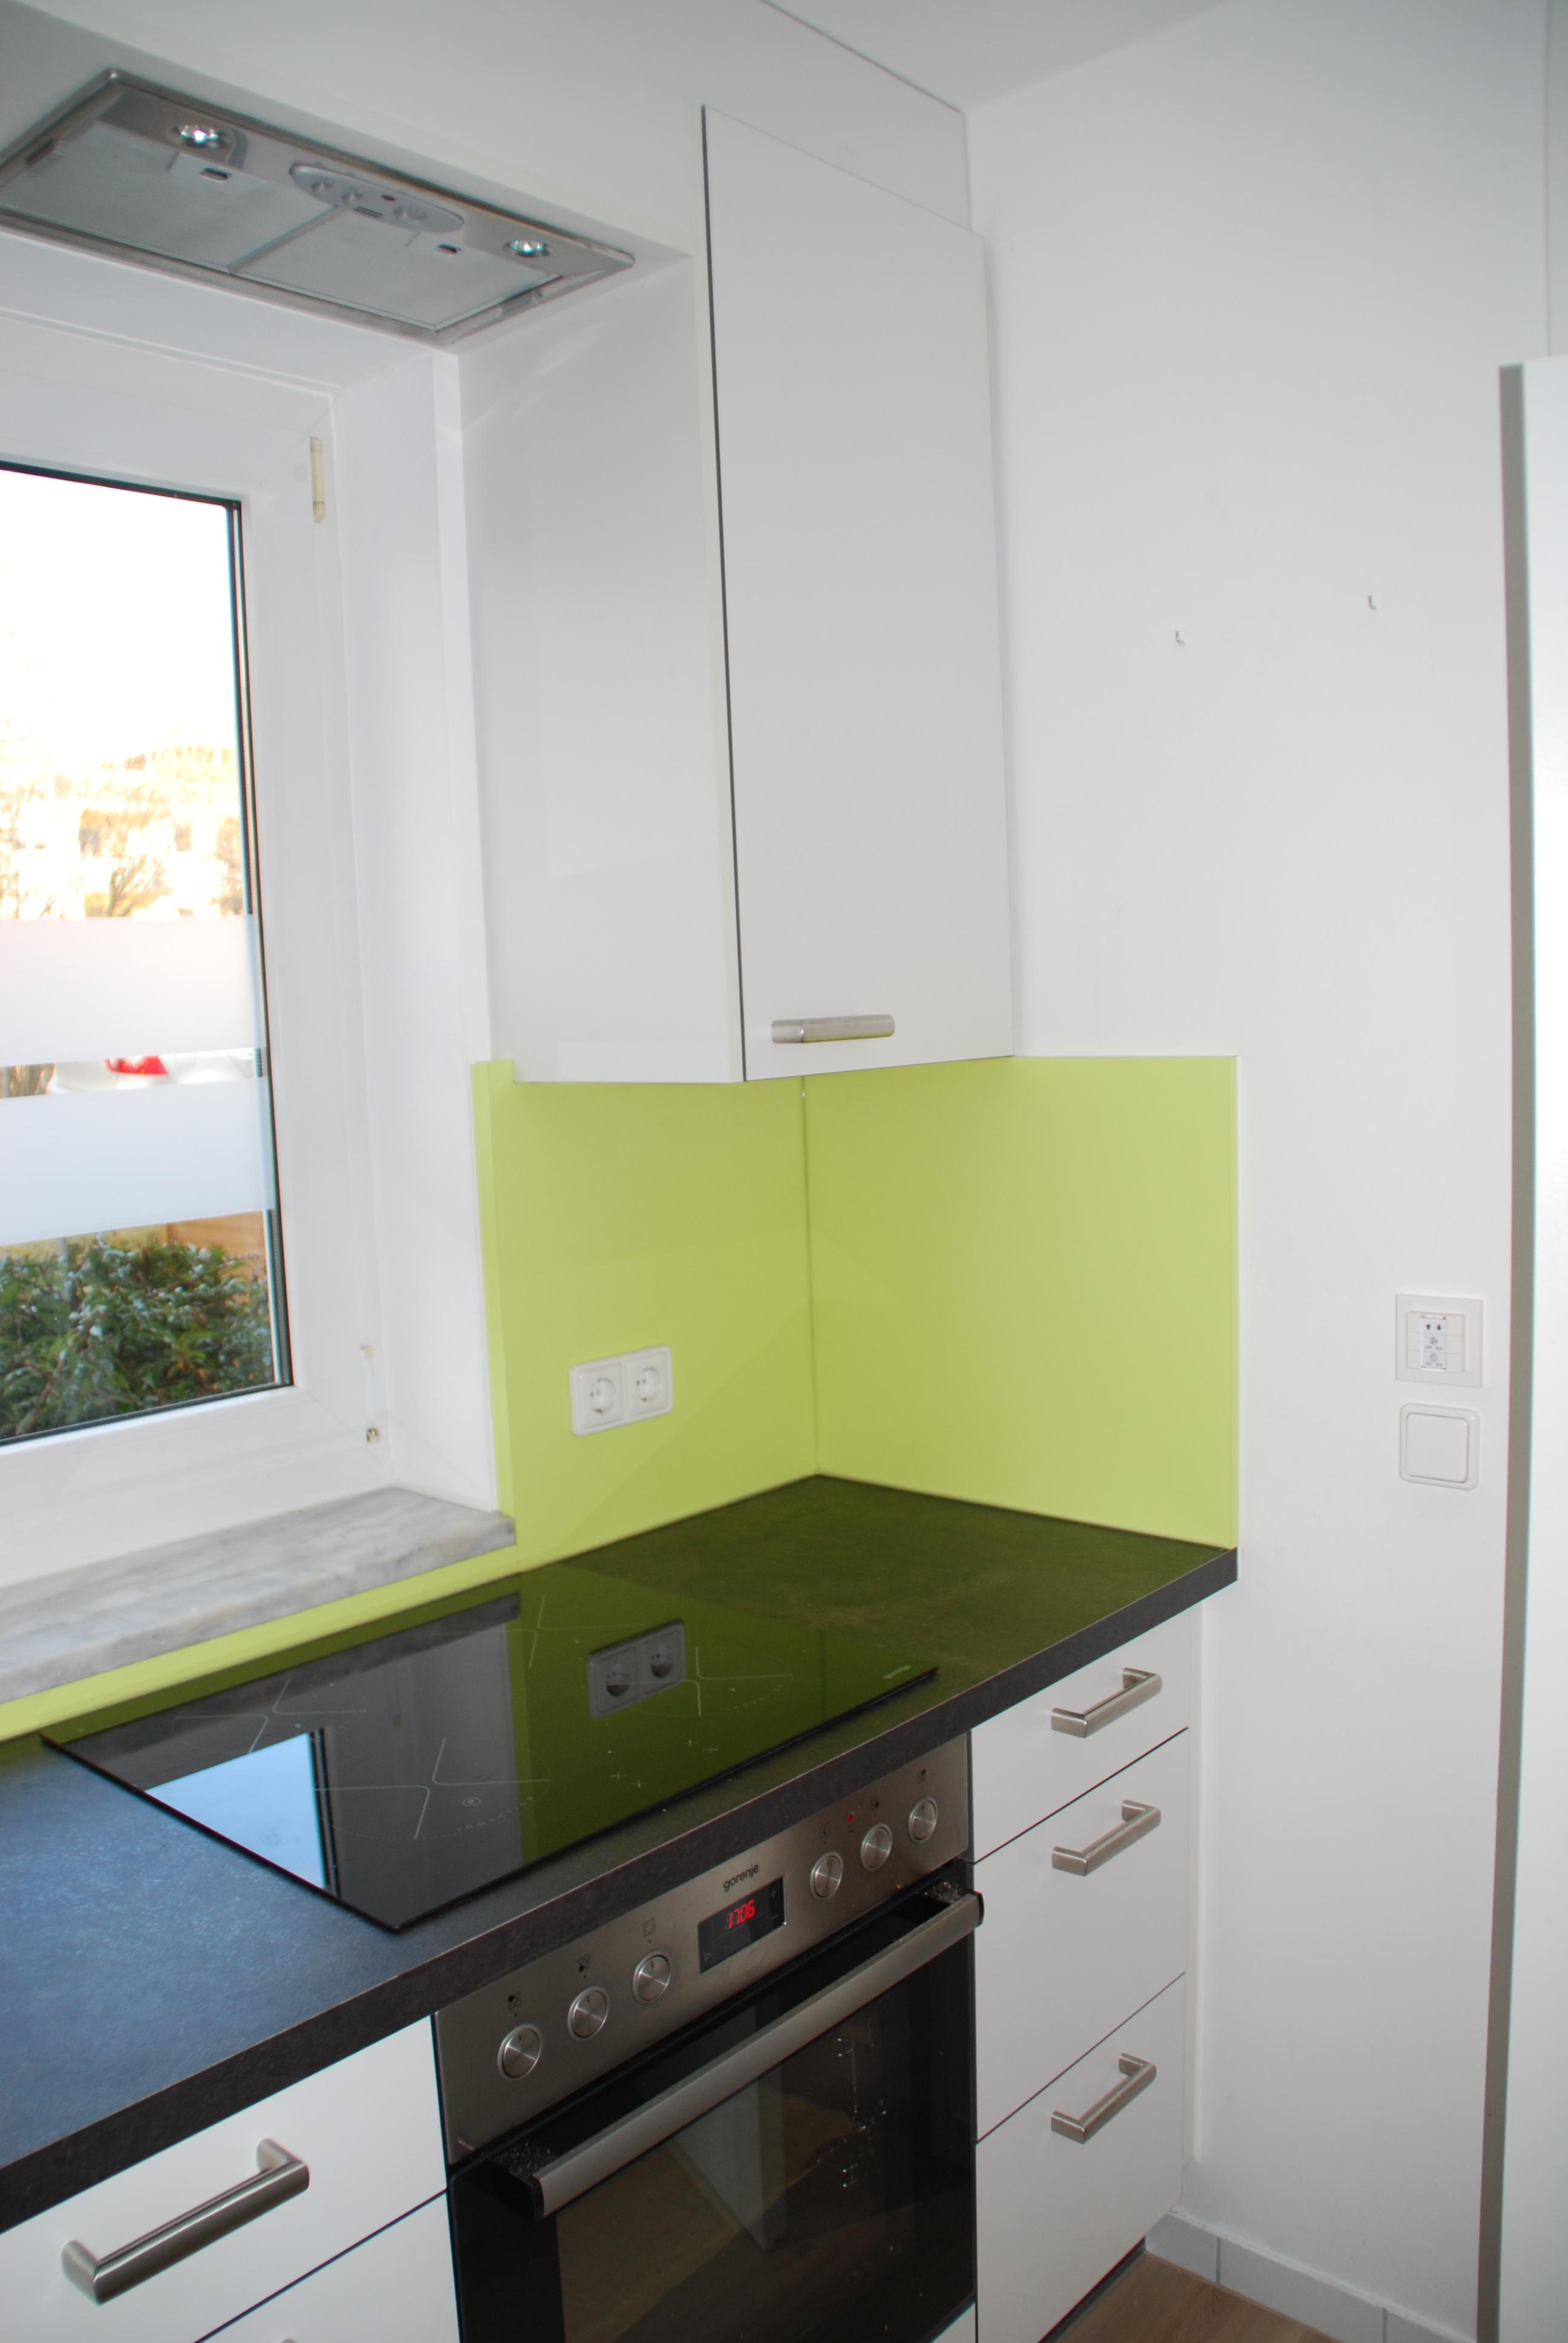 Küchenfront24 beste küchenfront24 zeitgenössisch die designideen für badezimmer